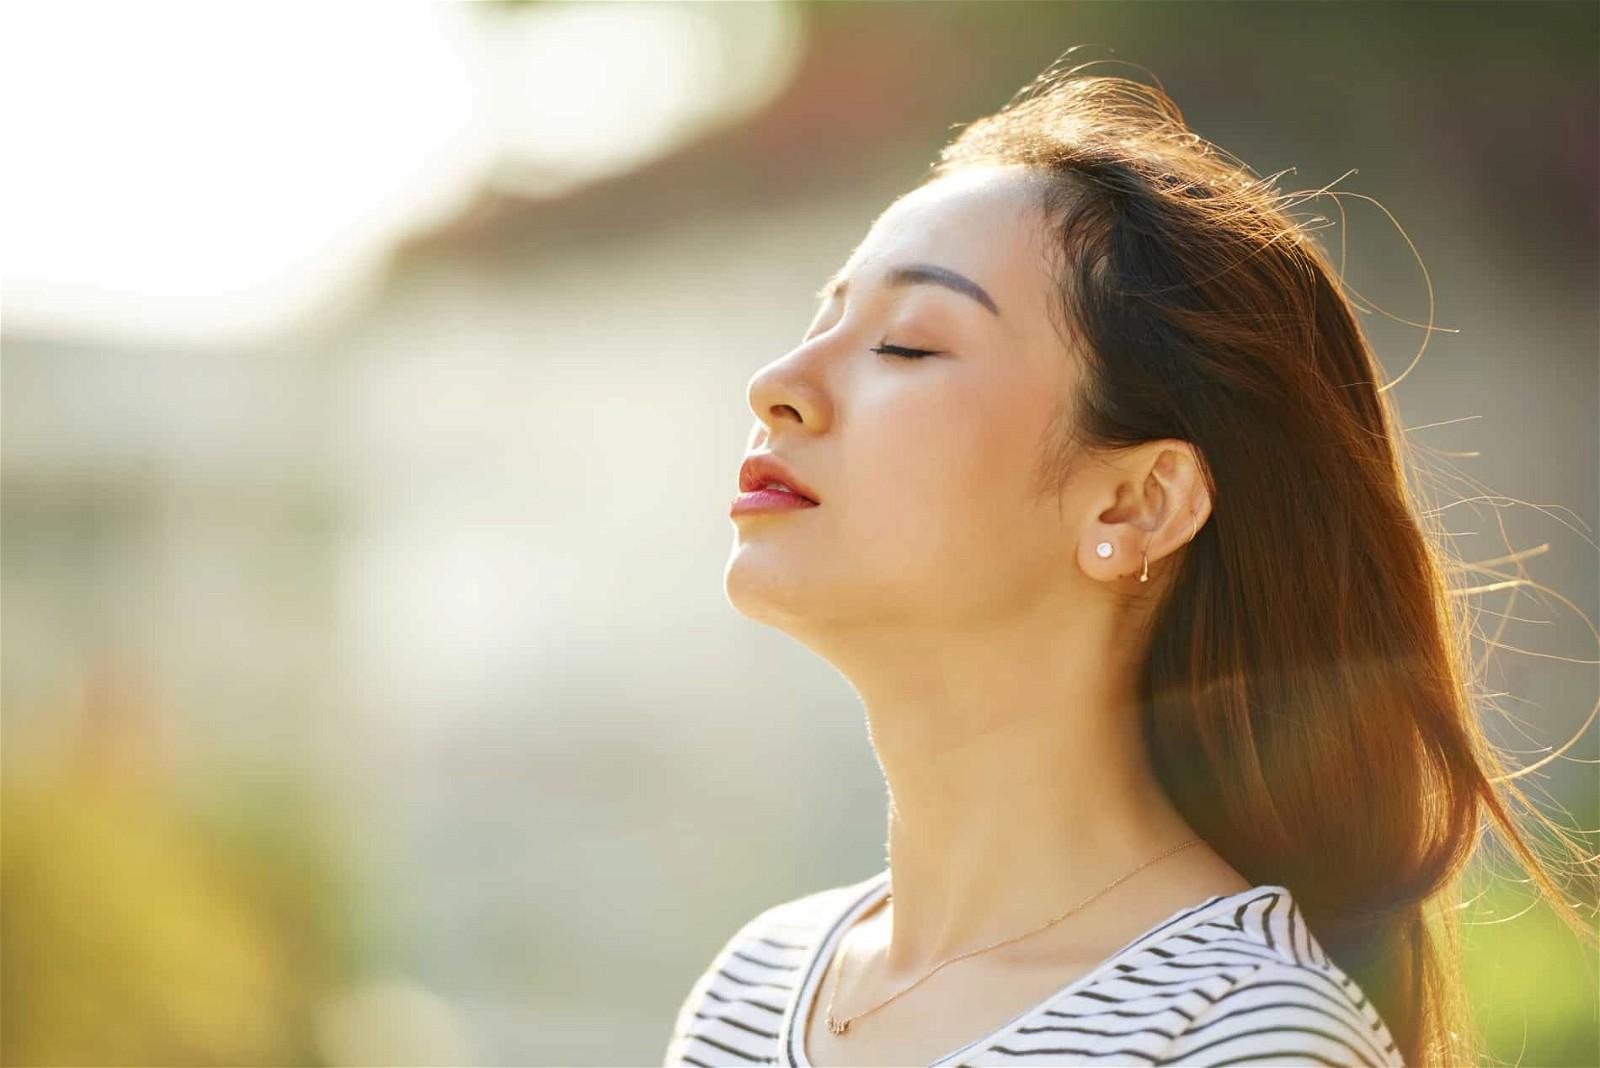 Hít thở sâu giúp giảm nặng ngực hiệu quả